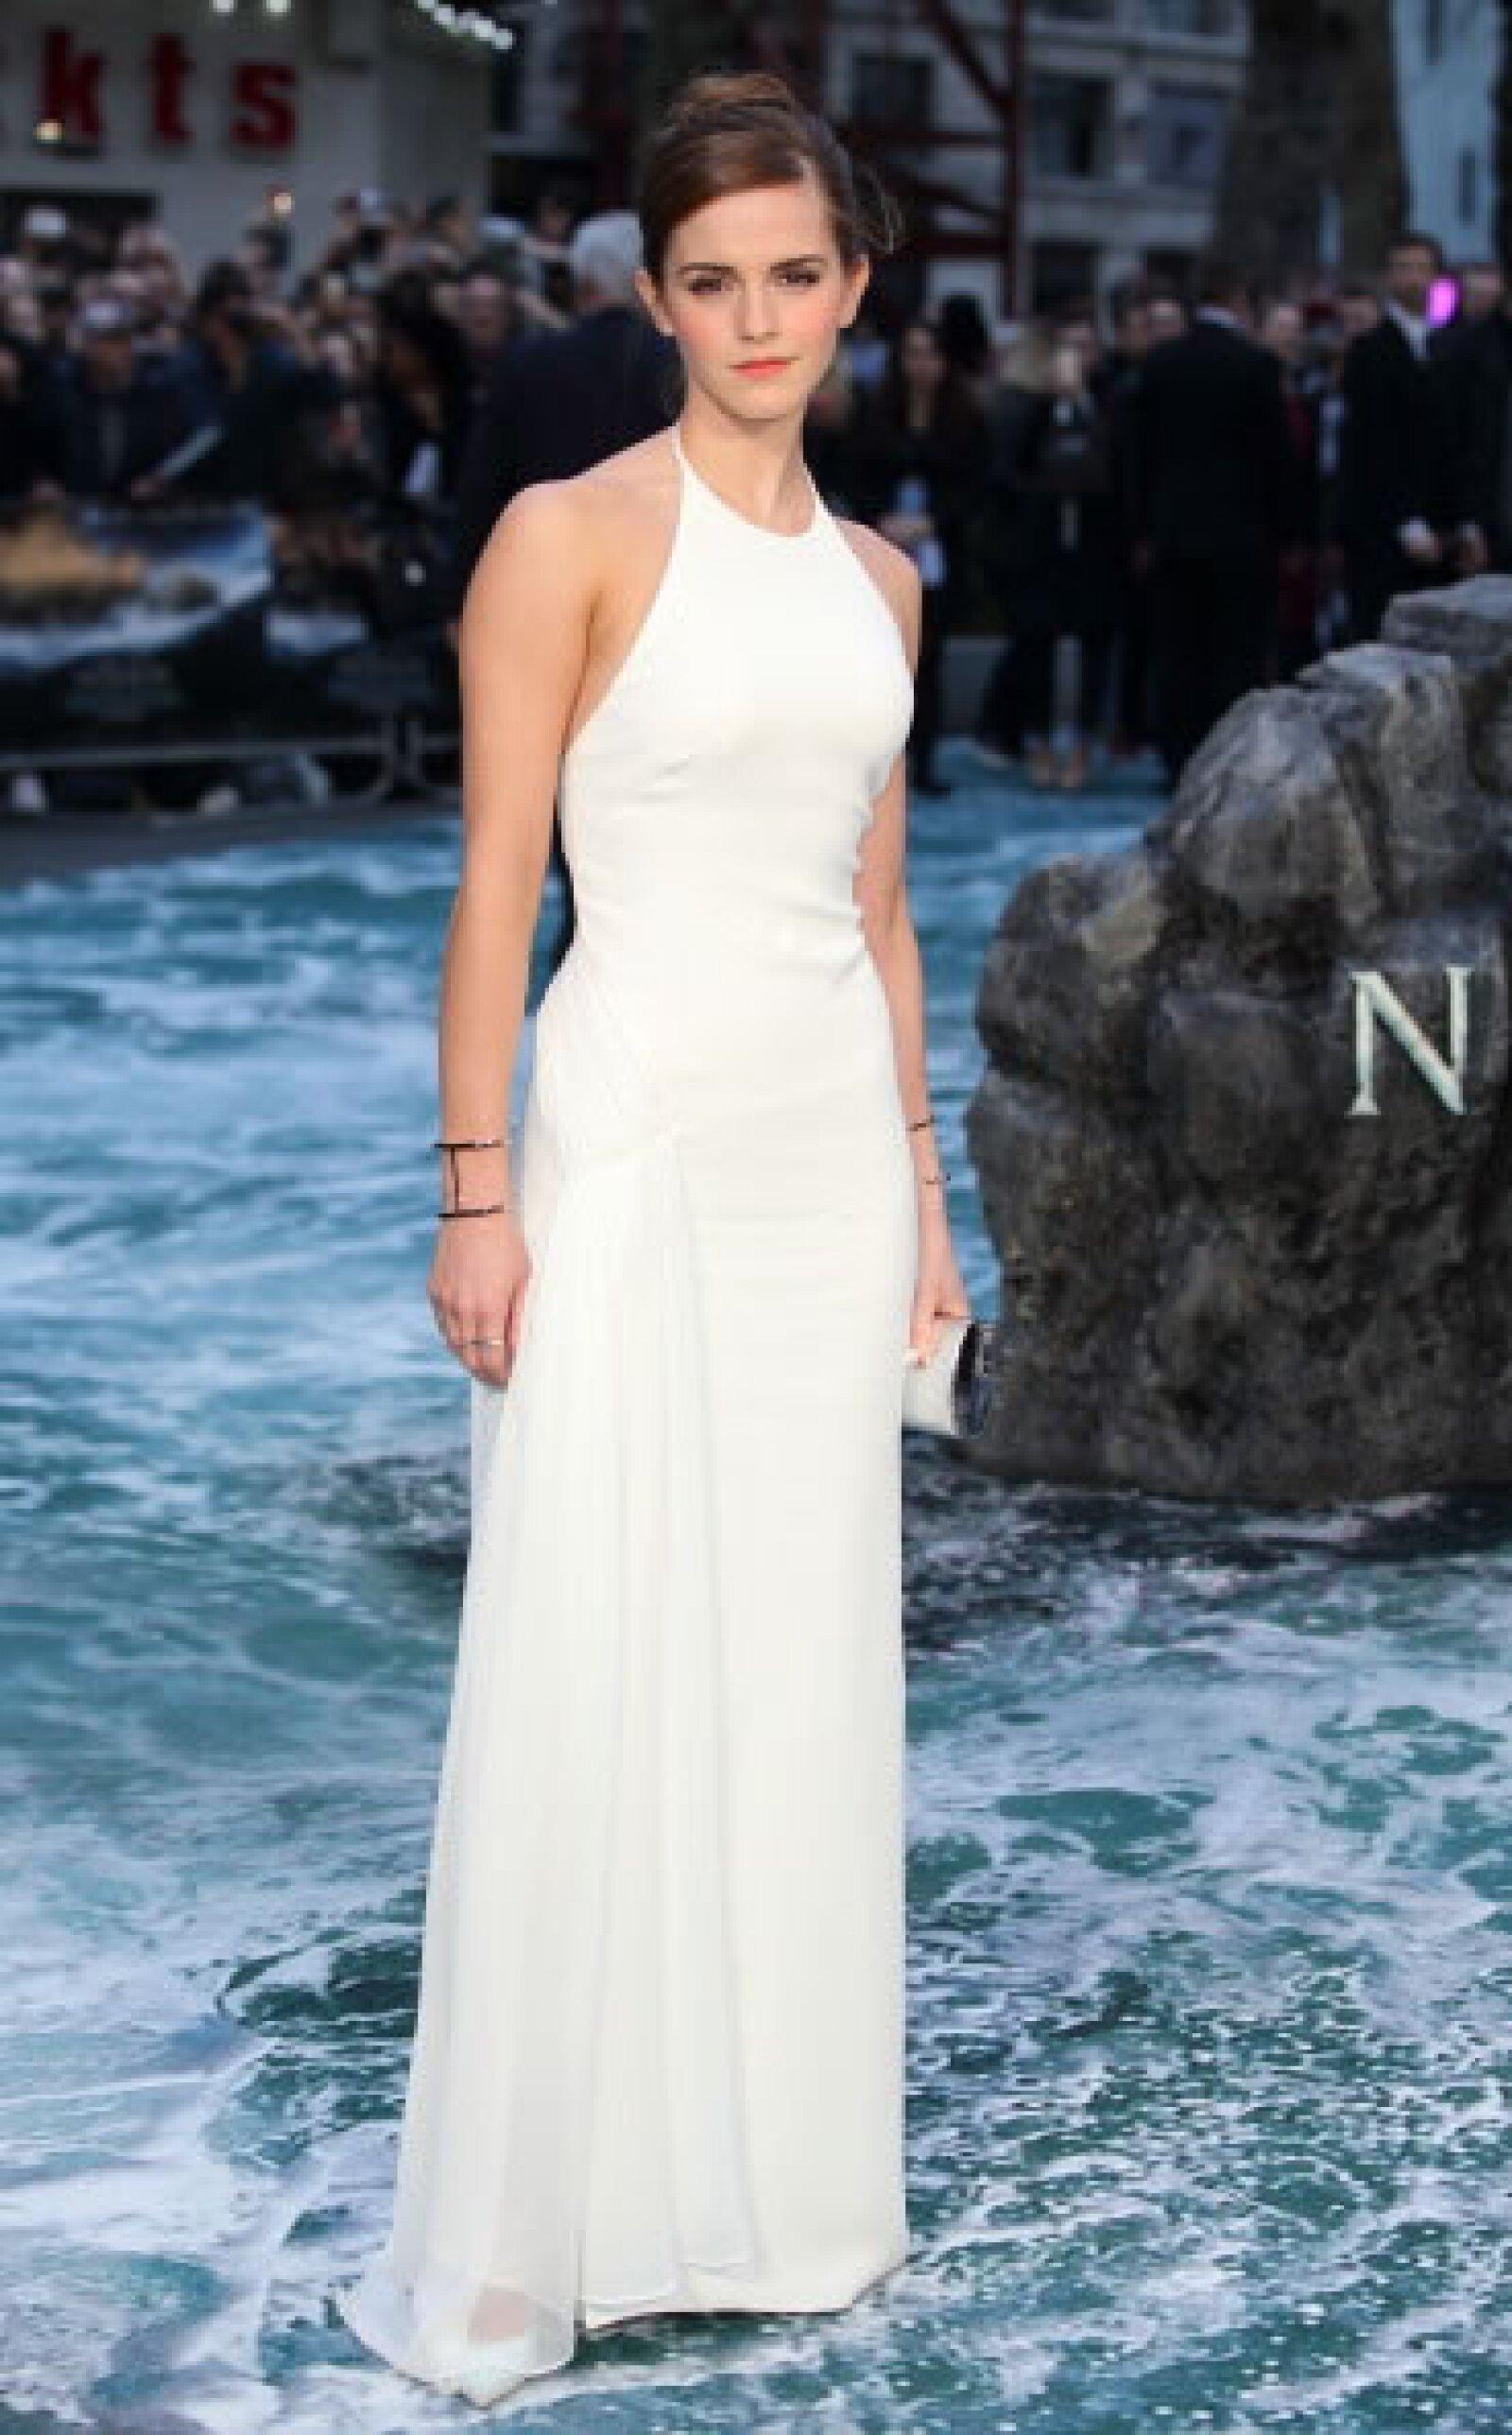 Breathtaking es la palabra para describir el look de la actriz en la premiere de Noah en Londres, quien optó por un diseño blanco de Ralph Lauren en seda.